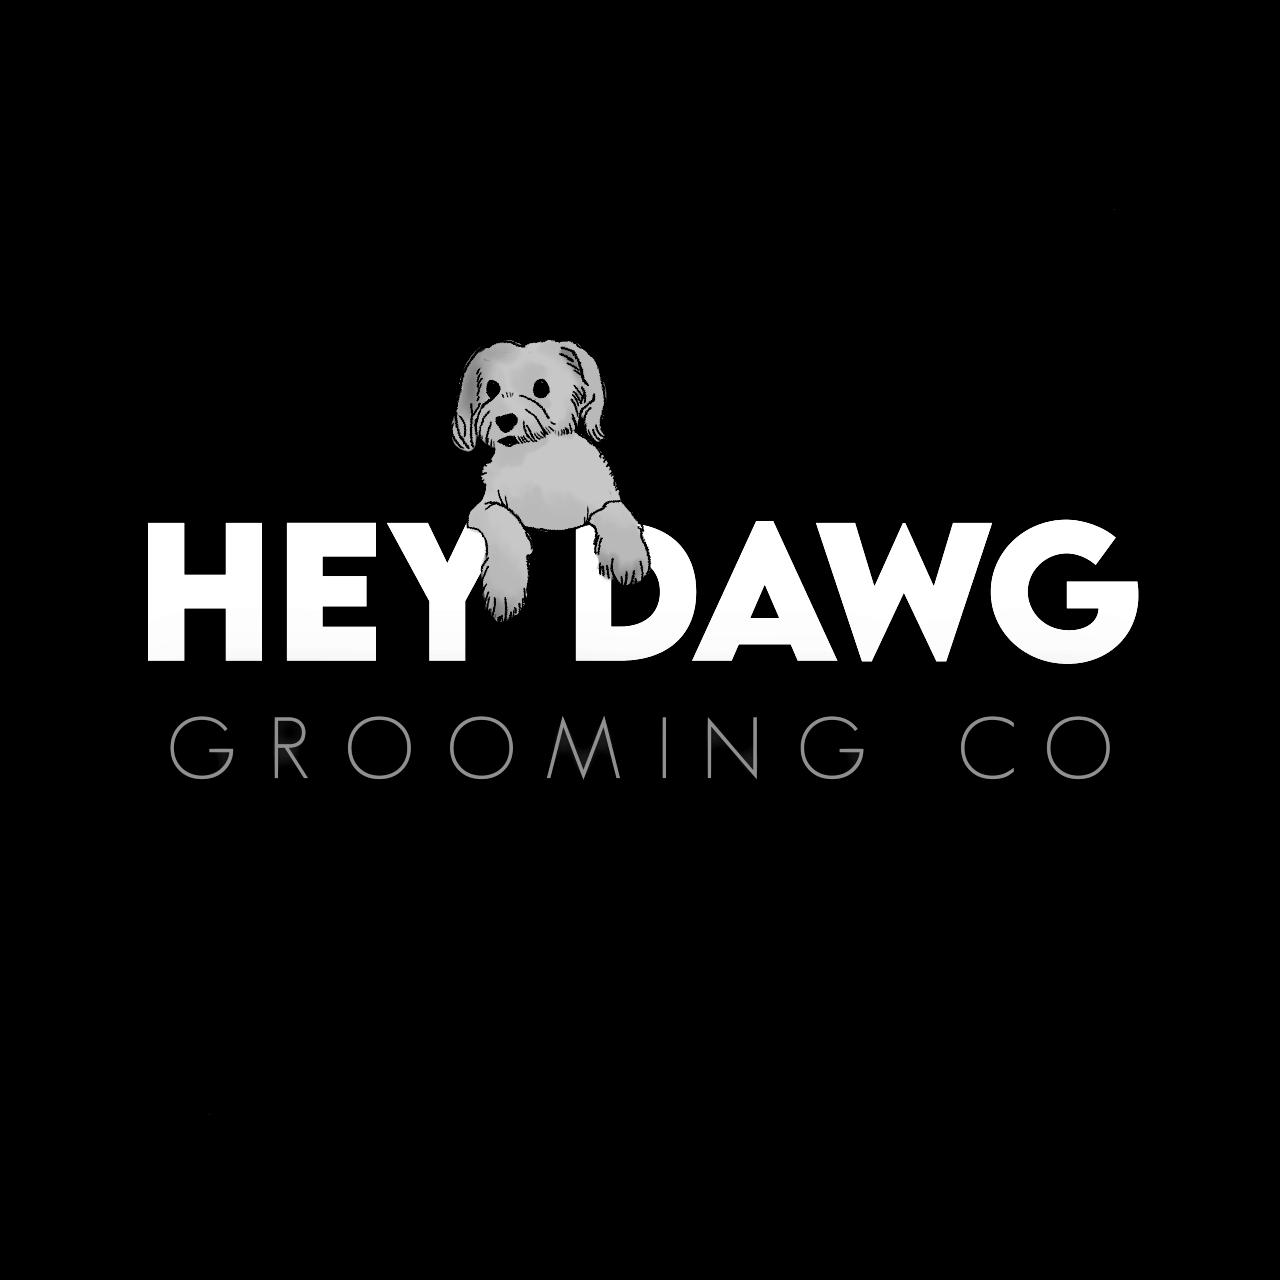 Hey Dawg